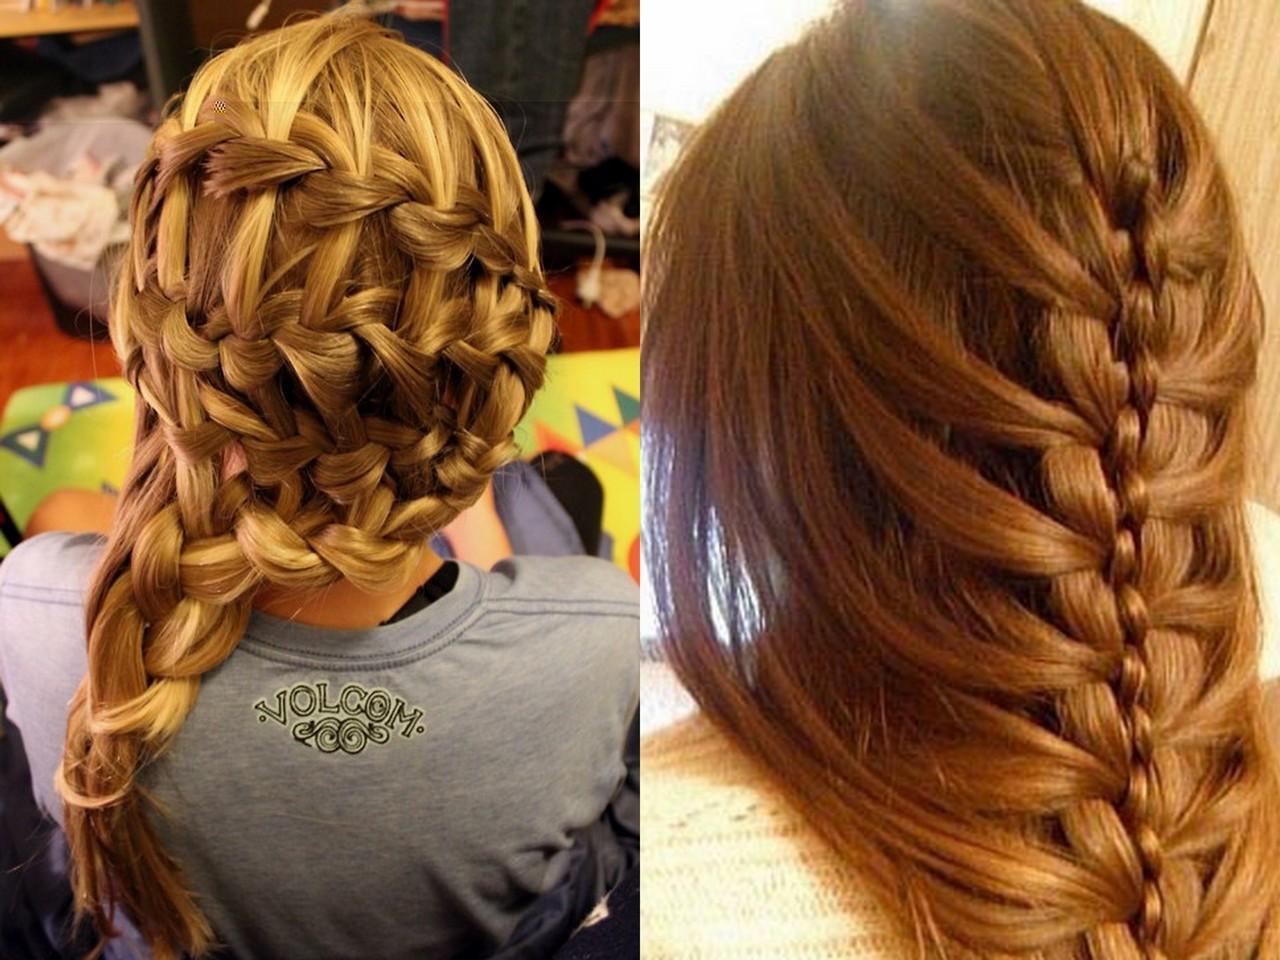 Прически на длинные волосы.косы и косички